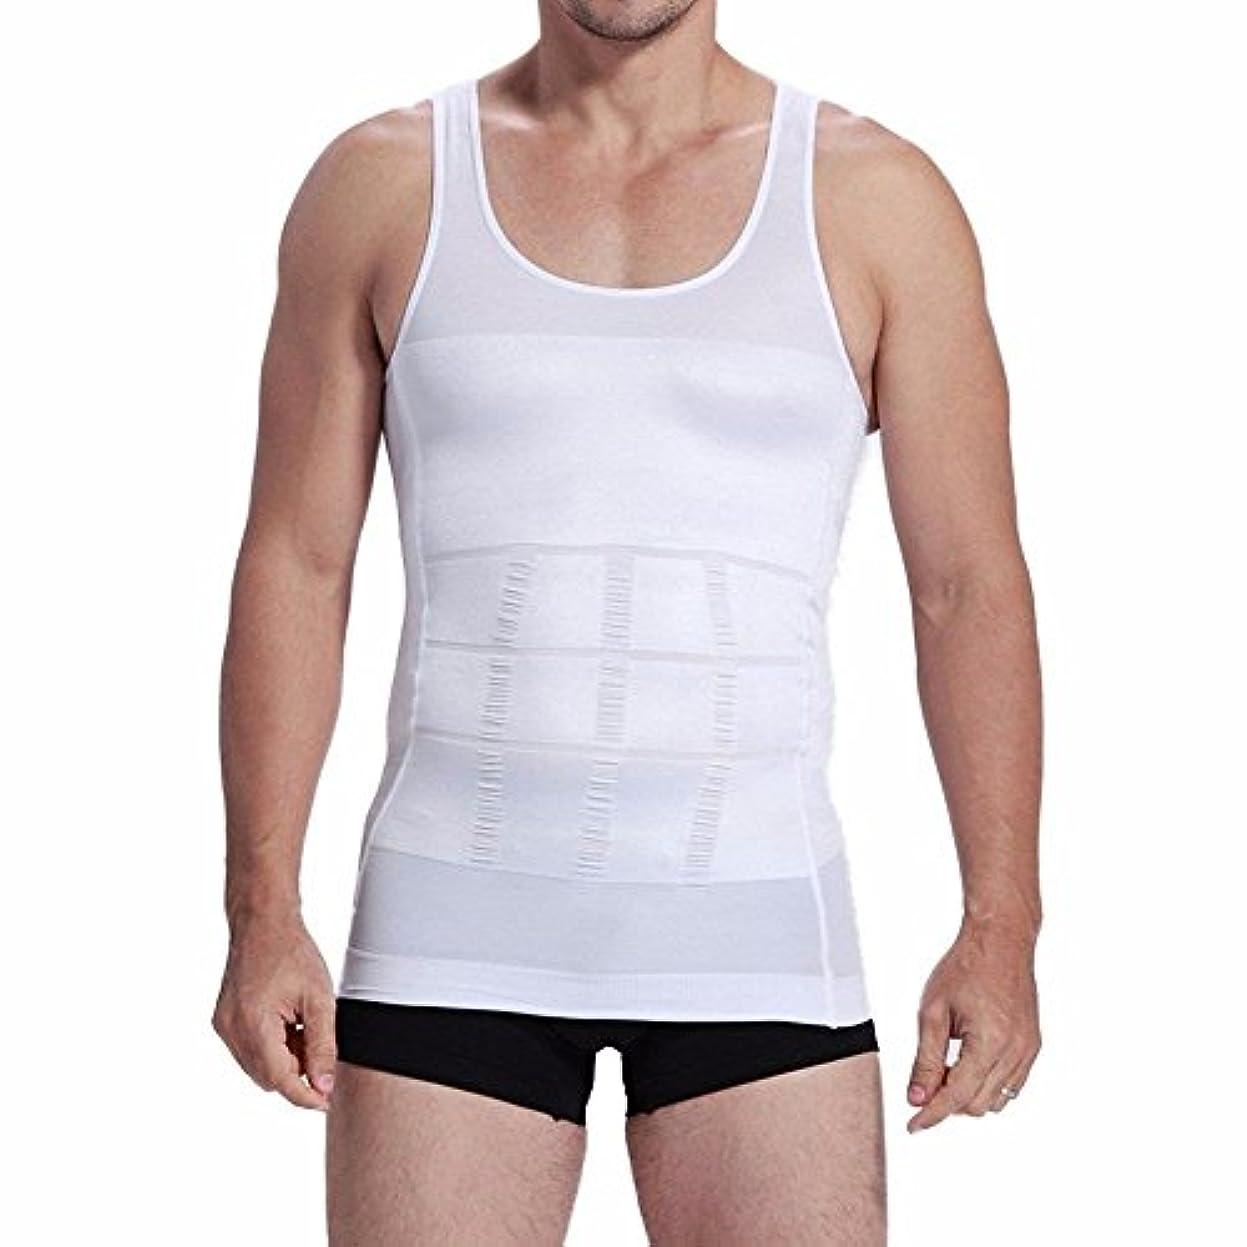 エレメンタルマニアック後ろ、背後、背面(部加圧シャツ メンズ タンクトップ スポーツ 筋トレ フィットネス 高弾力 吸汗速乾 優れた透気性 お腹ダイエット 姿勢矯正 補正下着 インナー